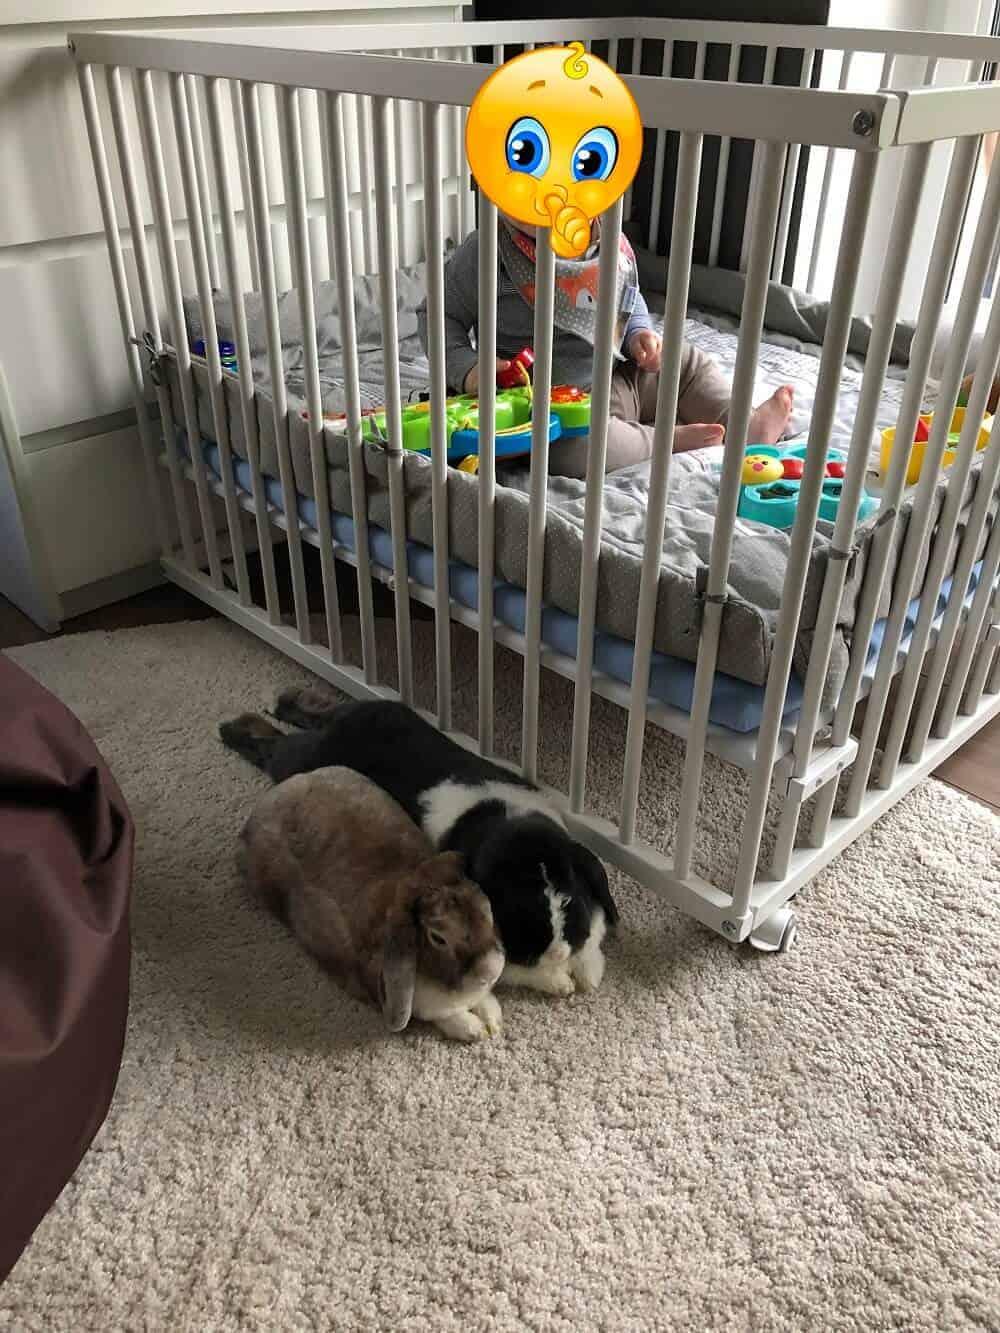 Während der kleine Mann im Laufgitter sitzt und spielt, machen die Kaninchen es sich davor gemütlich